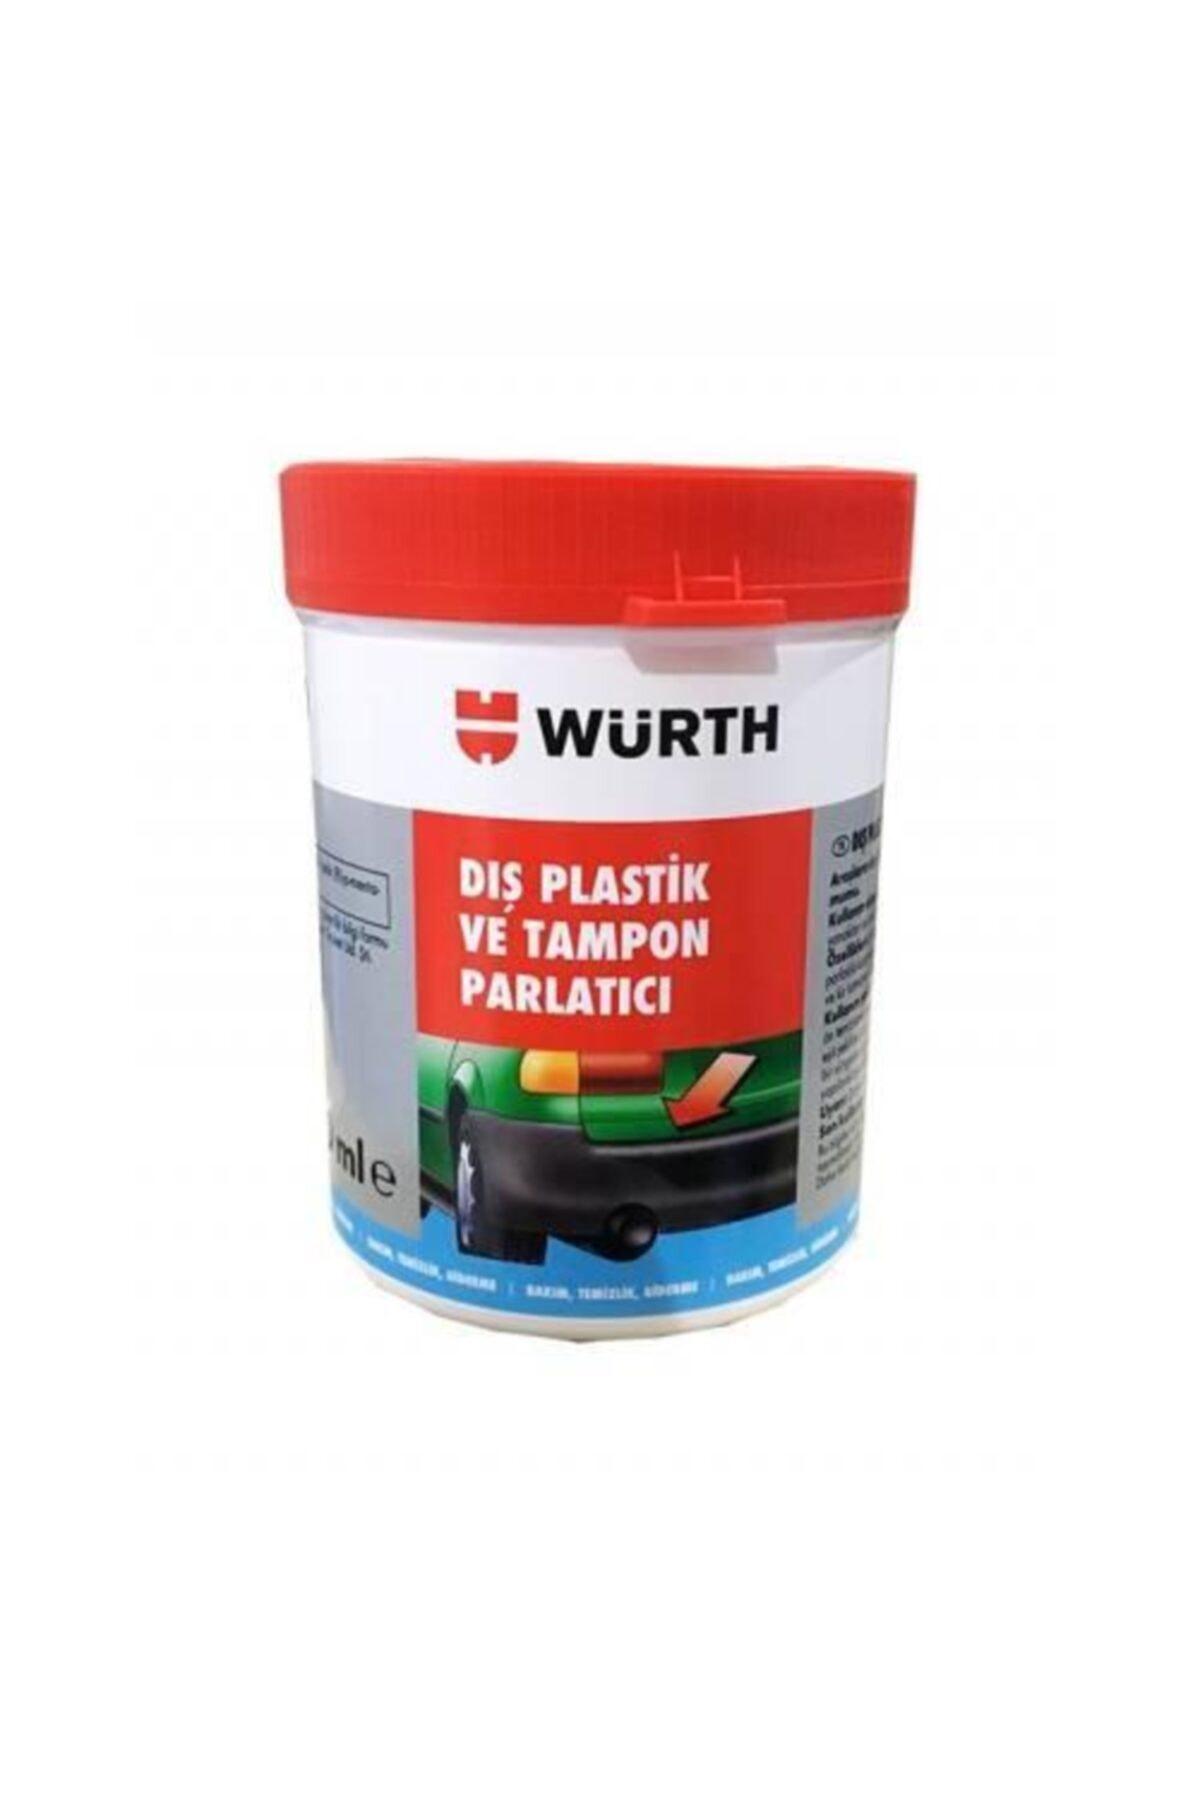 Würth Dış Plastik Ve Tampon Parlatıcı 1000 ml 1